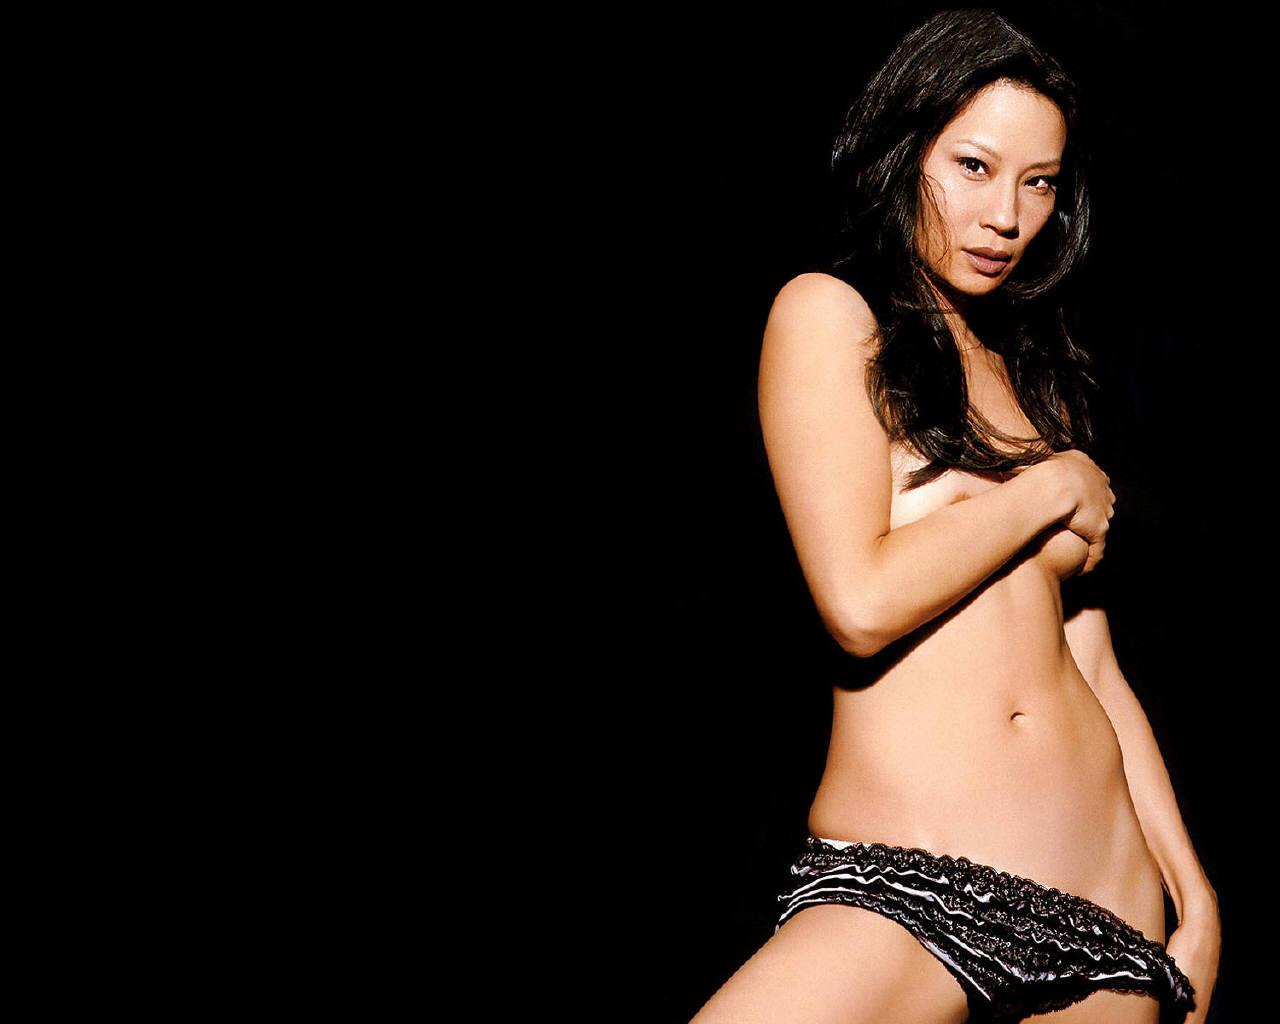 Nina dobrev nude pics